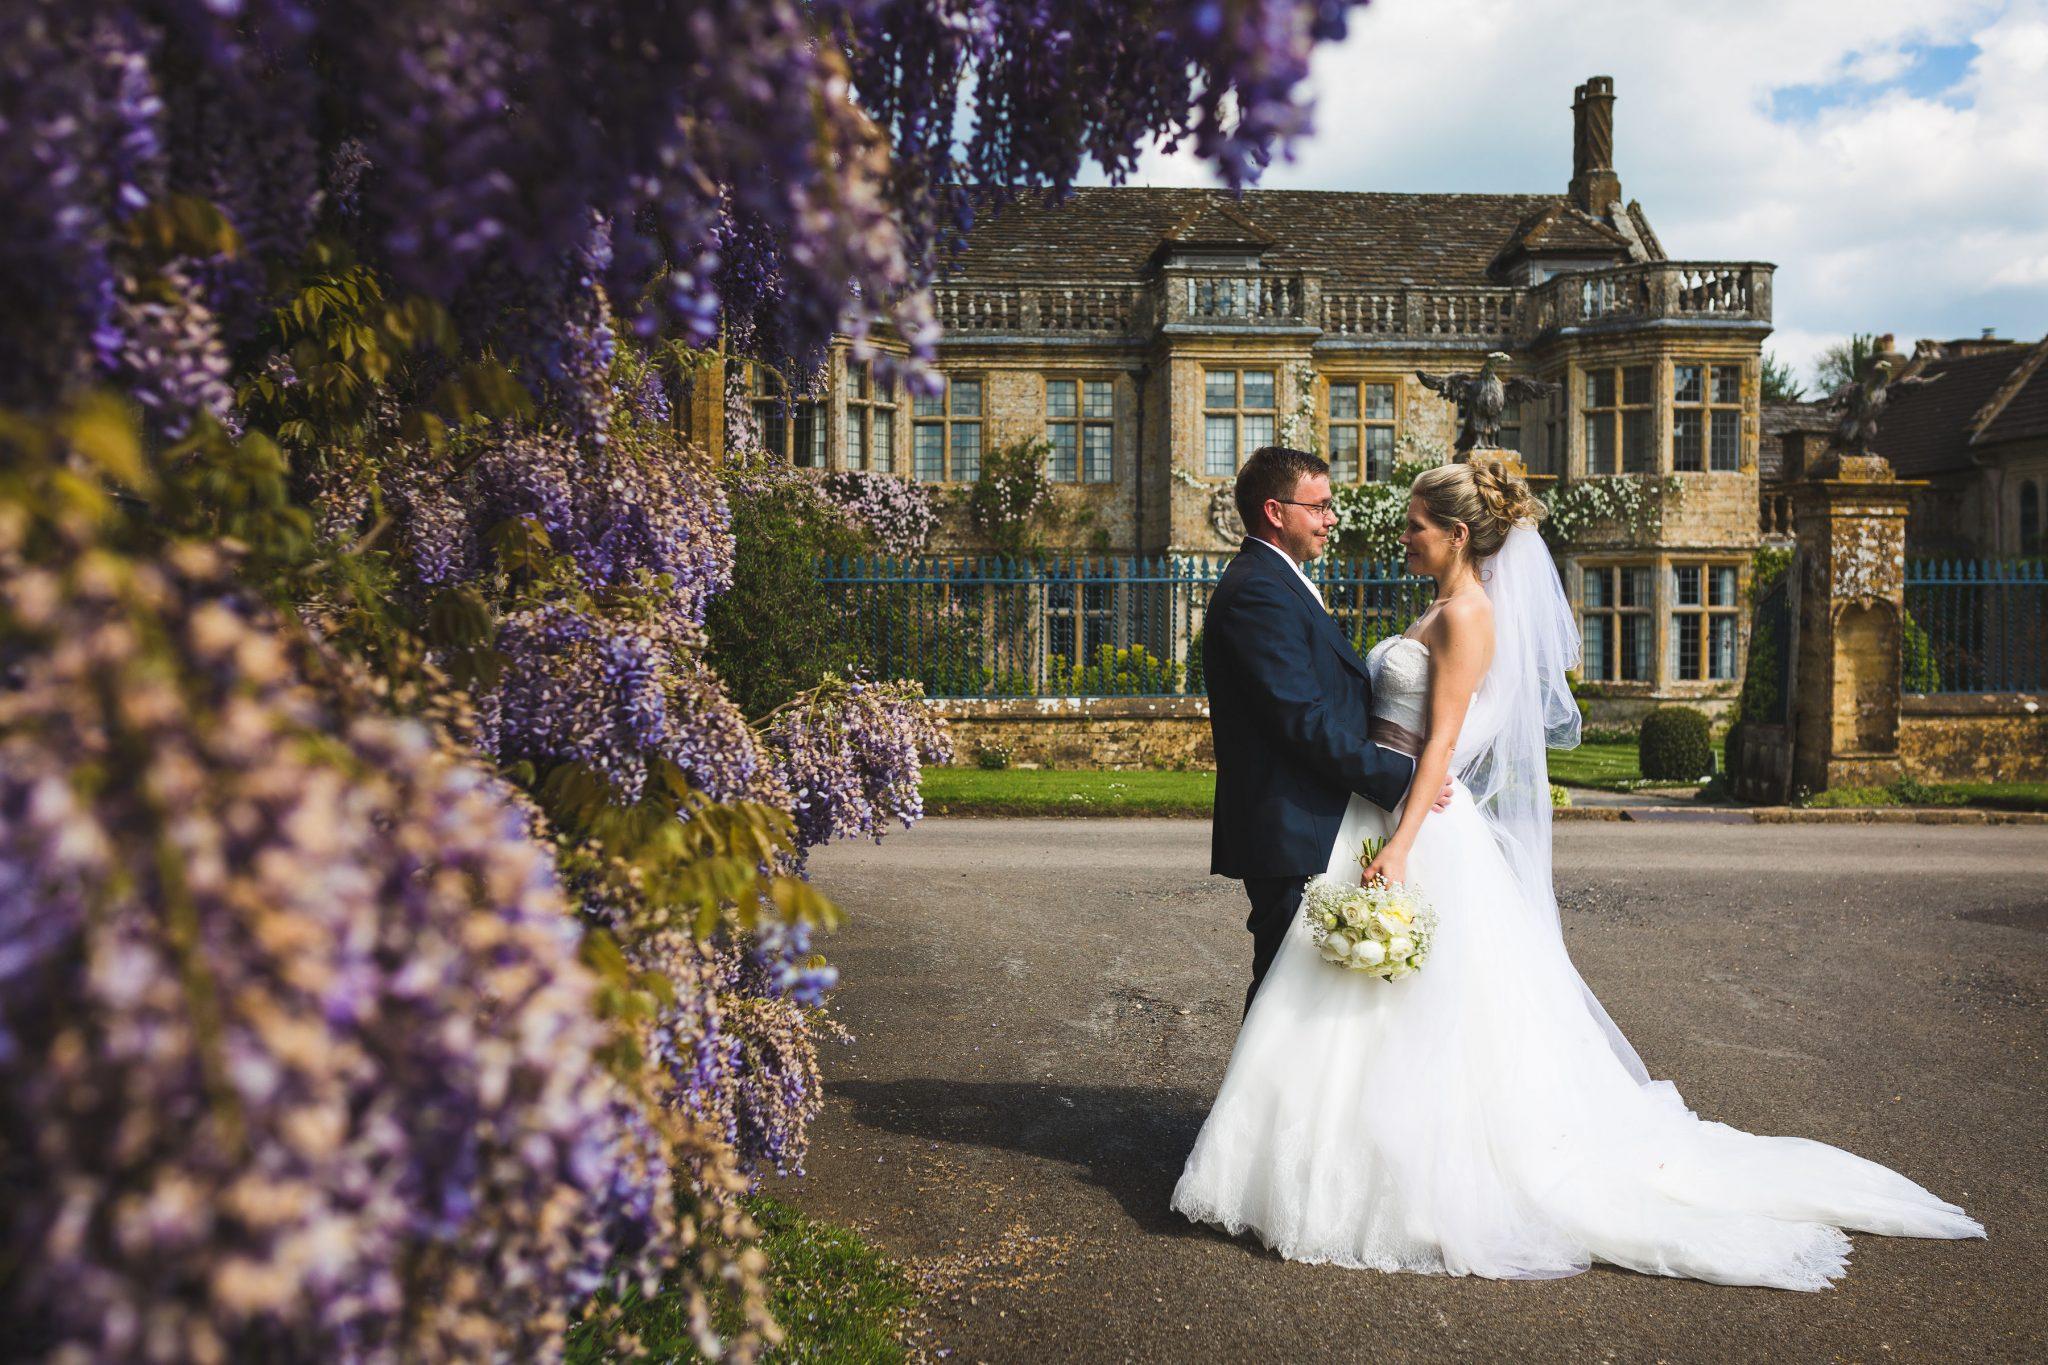 Real Weddings At Mapperton: Kate & Ben Huish